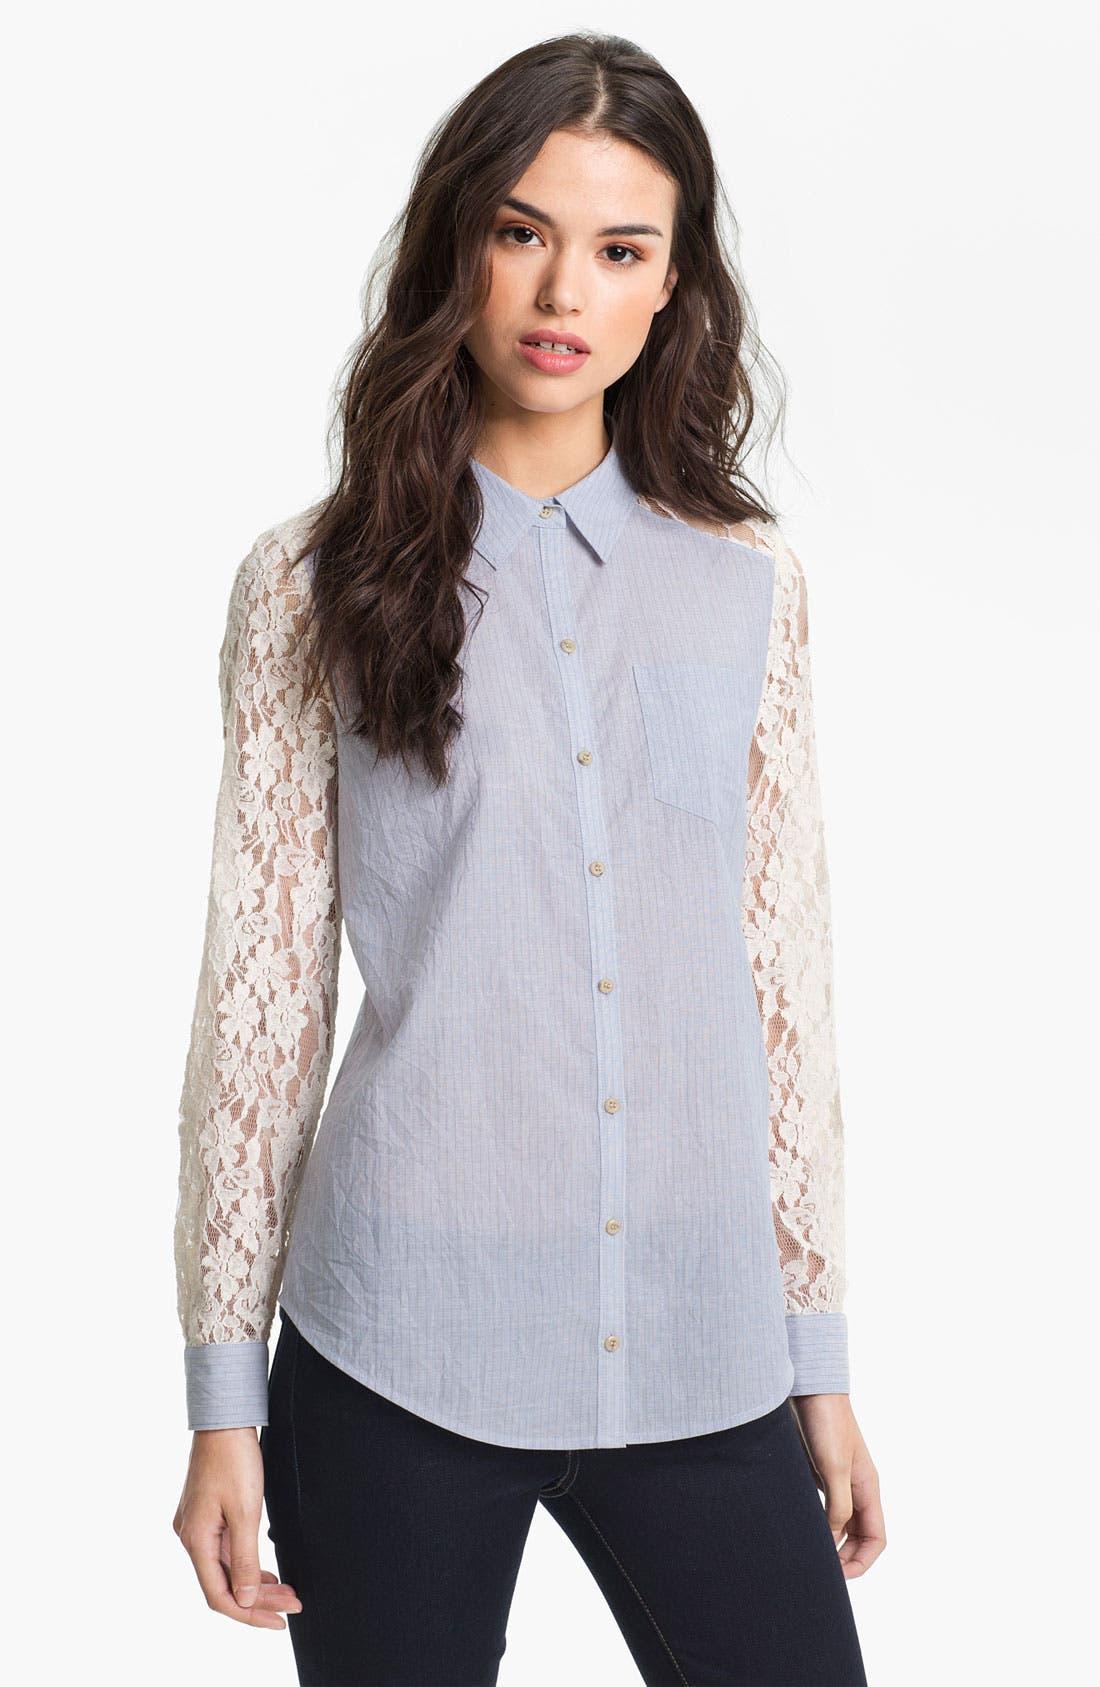 Main Image - Hinge® Mixed Media Lace Sleeve Shirt